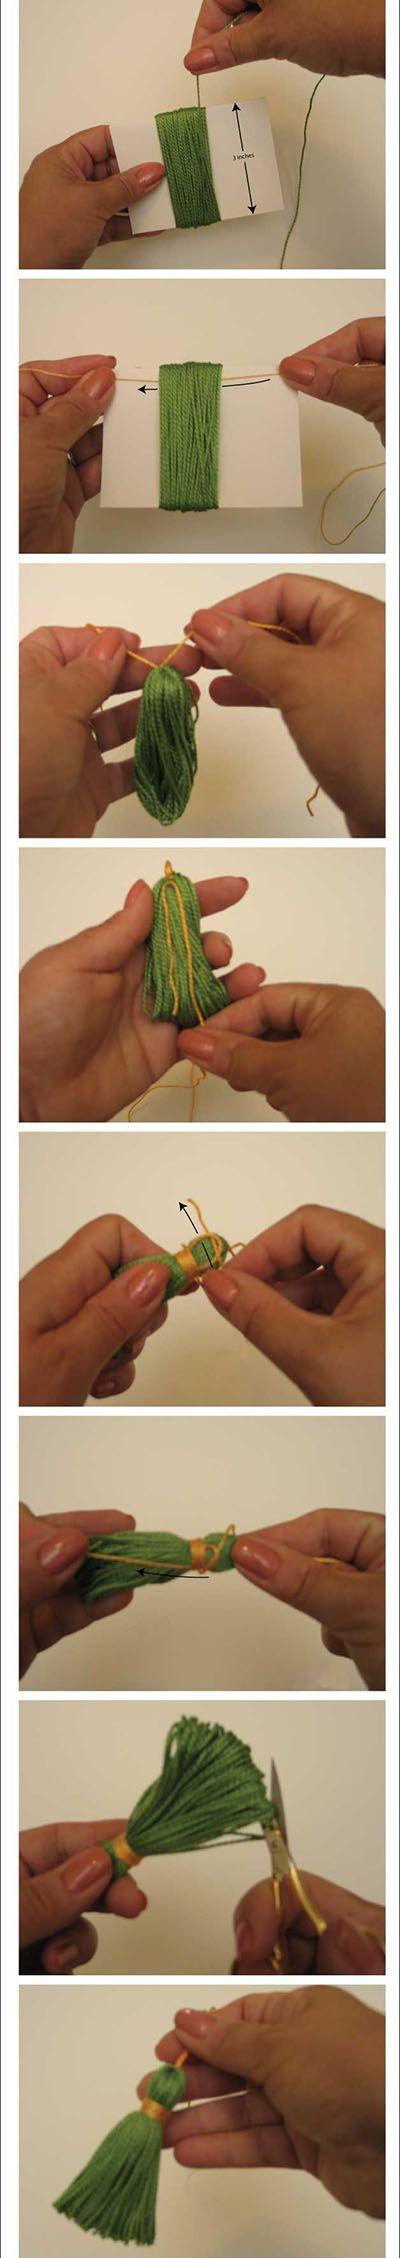 6-How-to-make-a-tassel-d7df0e3b.jpg (400×2258)